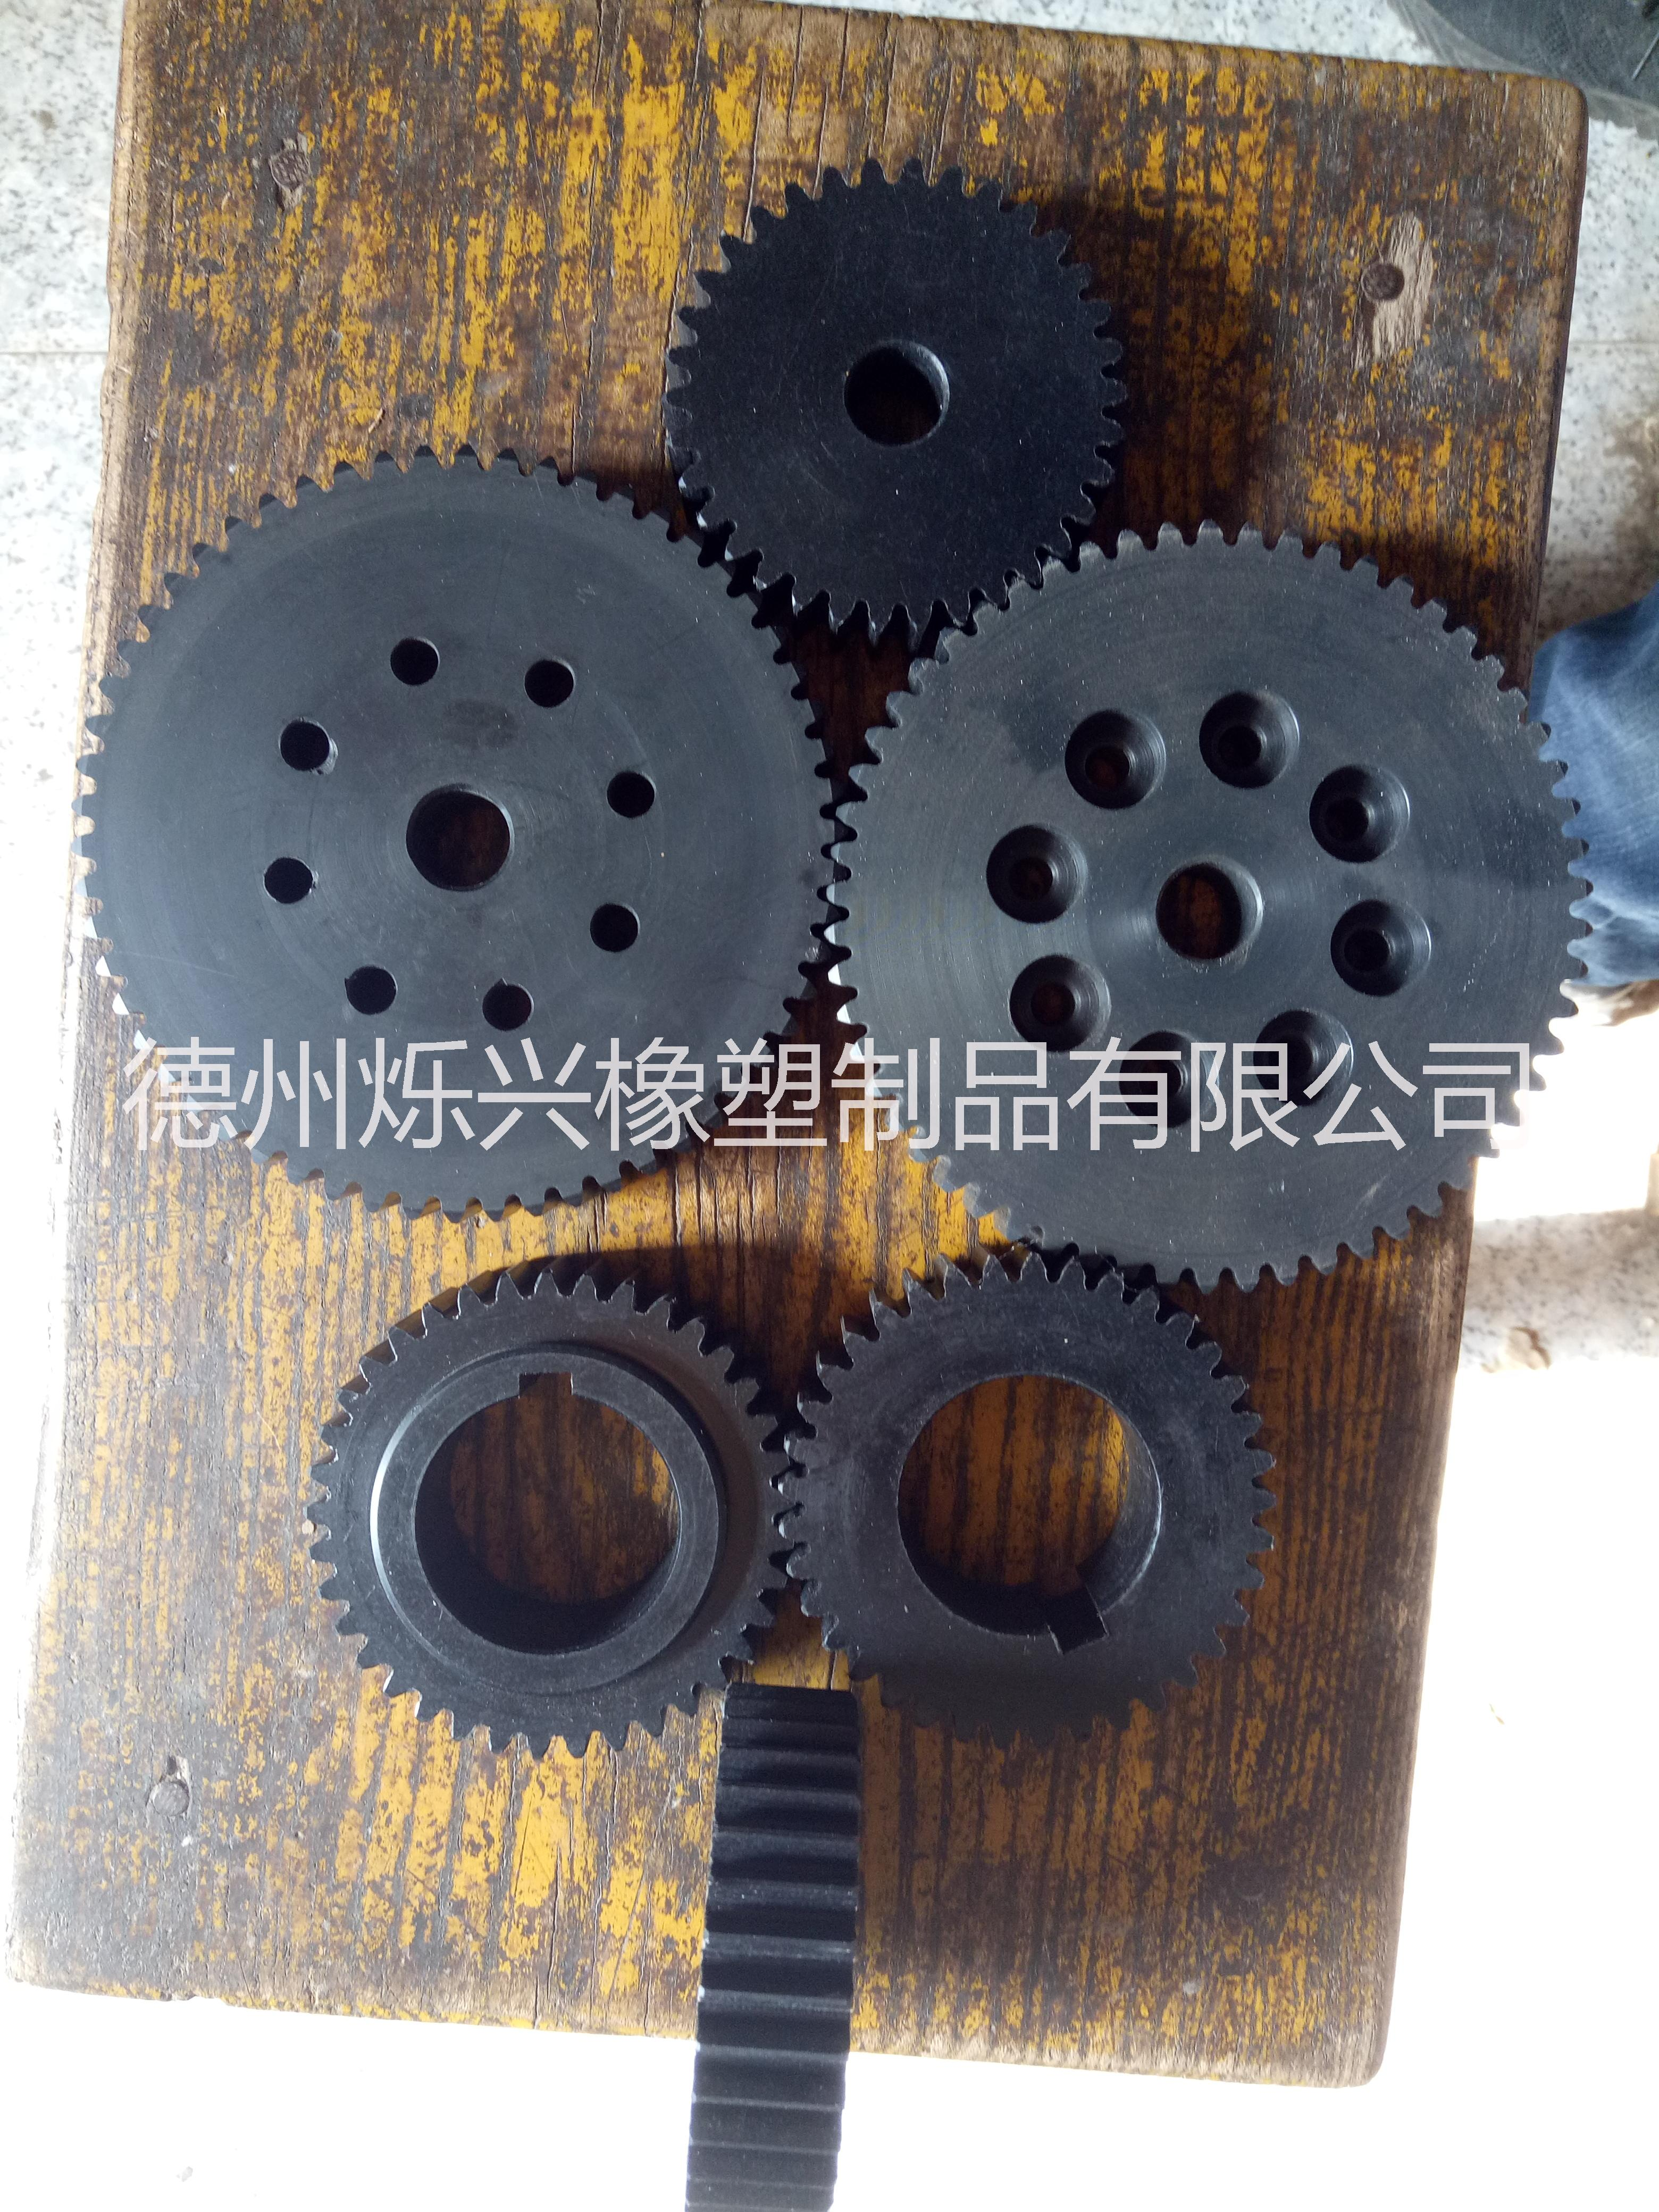 模数 塑料尼龙齿轮 尼龙轮加工